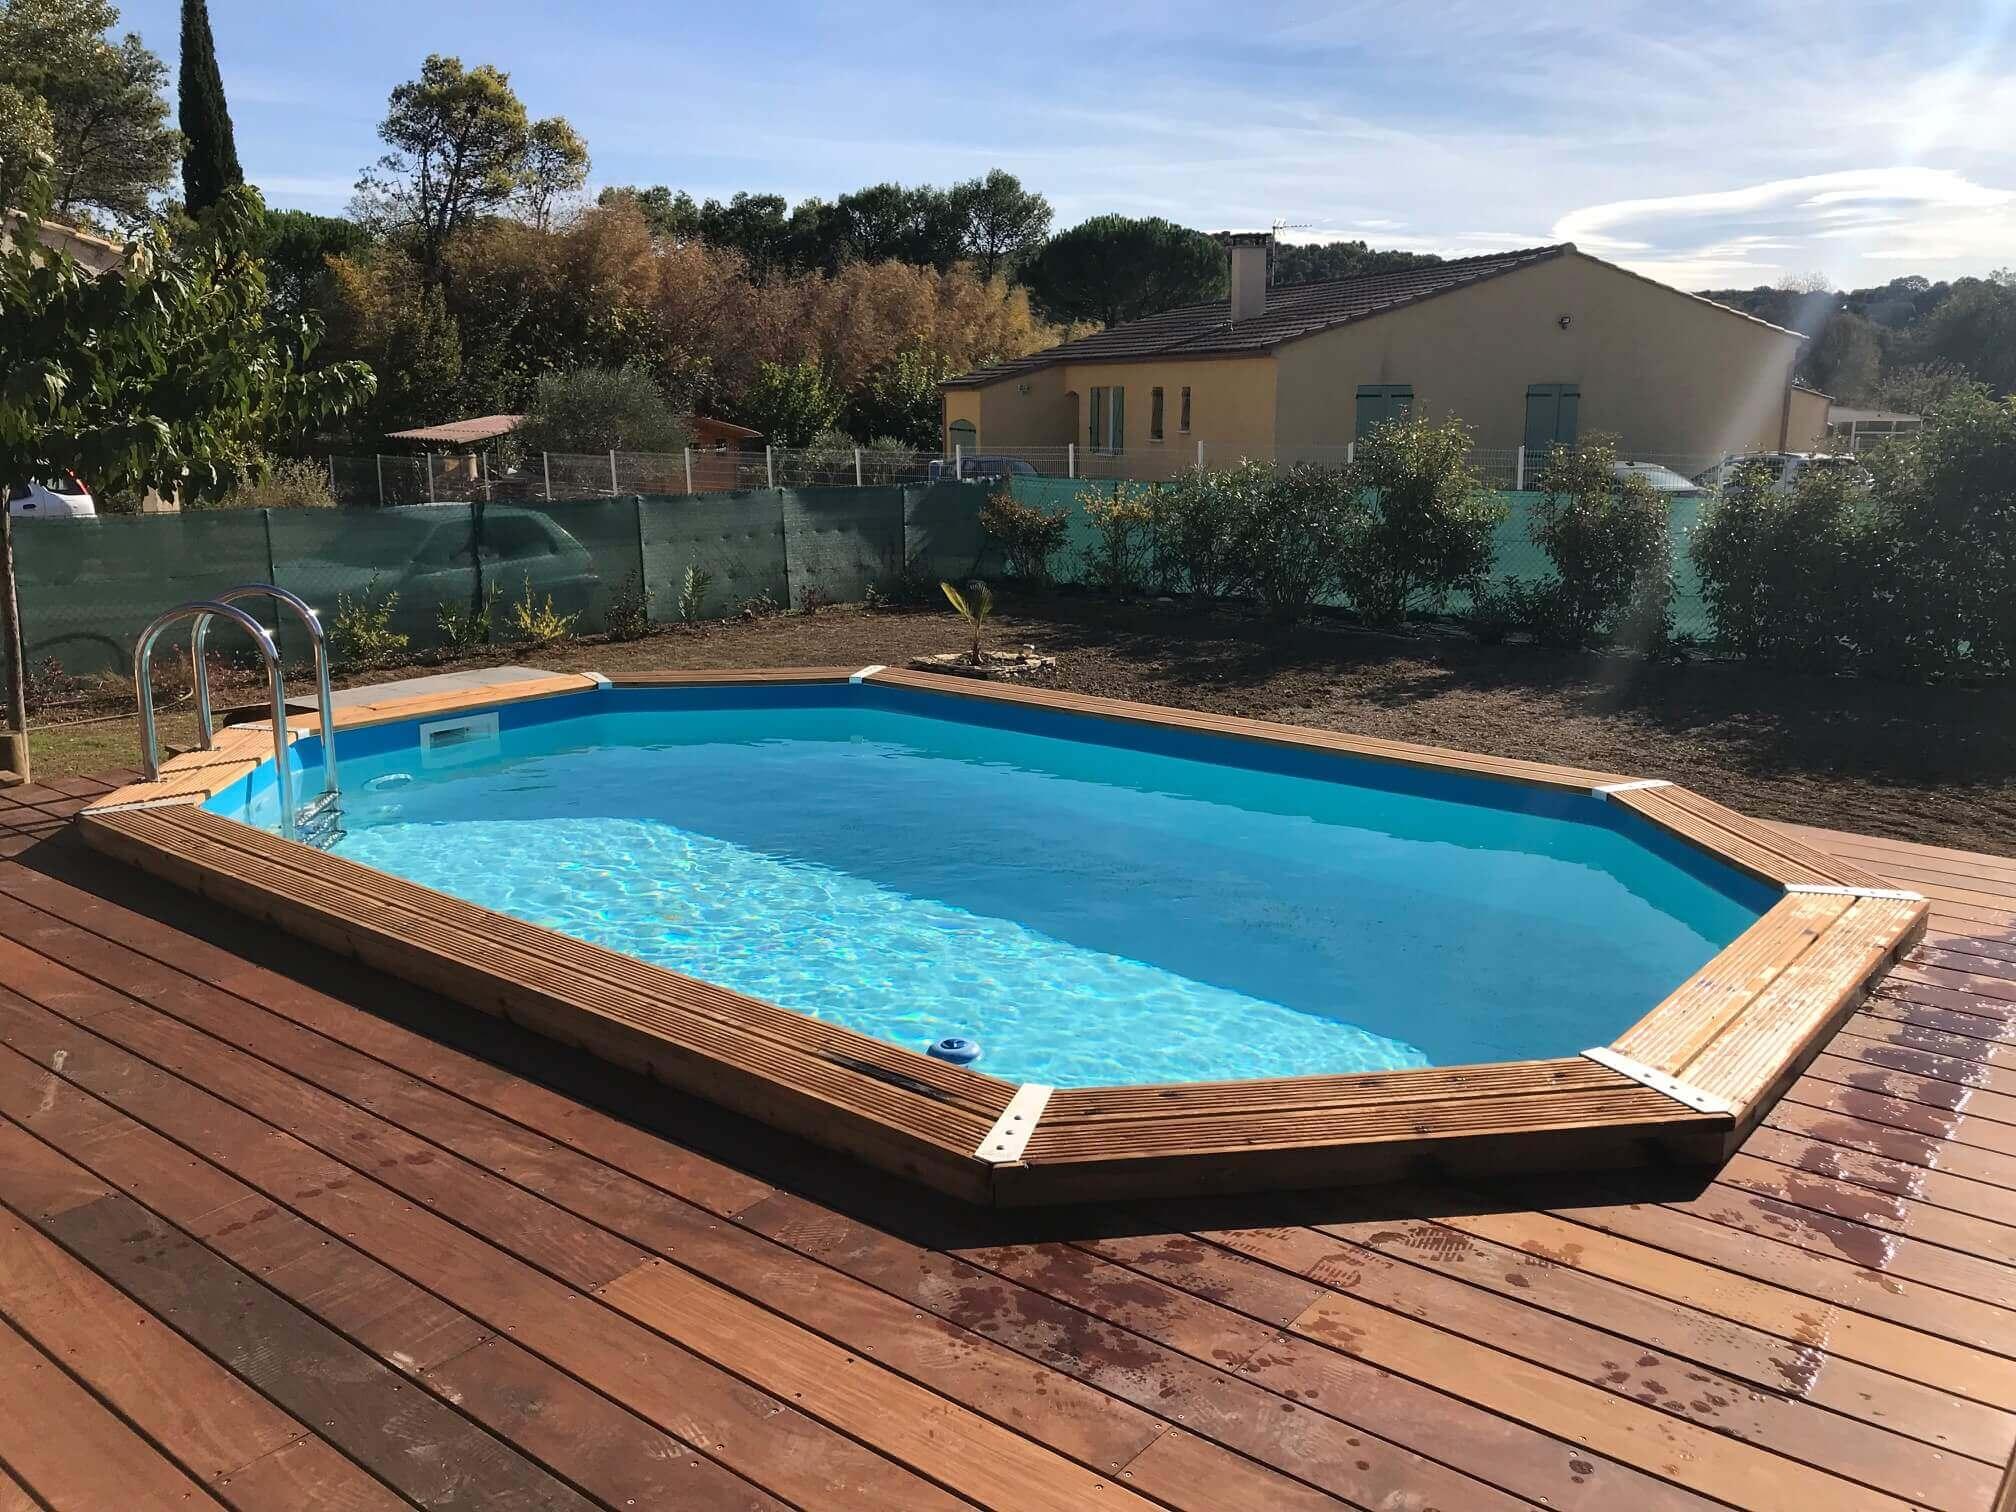 Piscine En Palette De Bois piscine bois azura 355 x 550 x h 120 cm